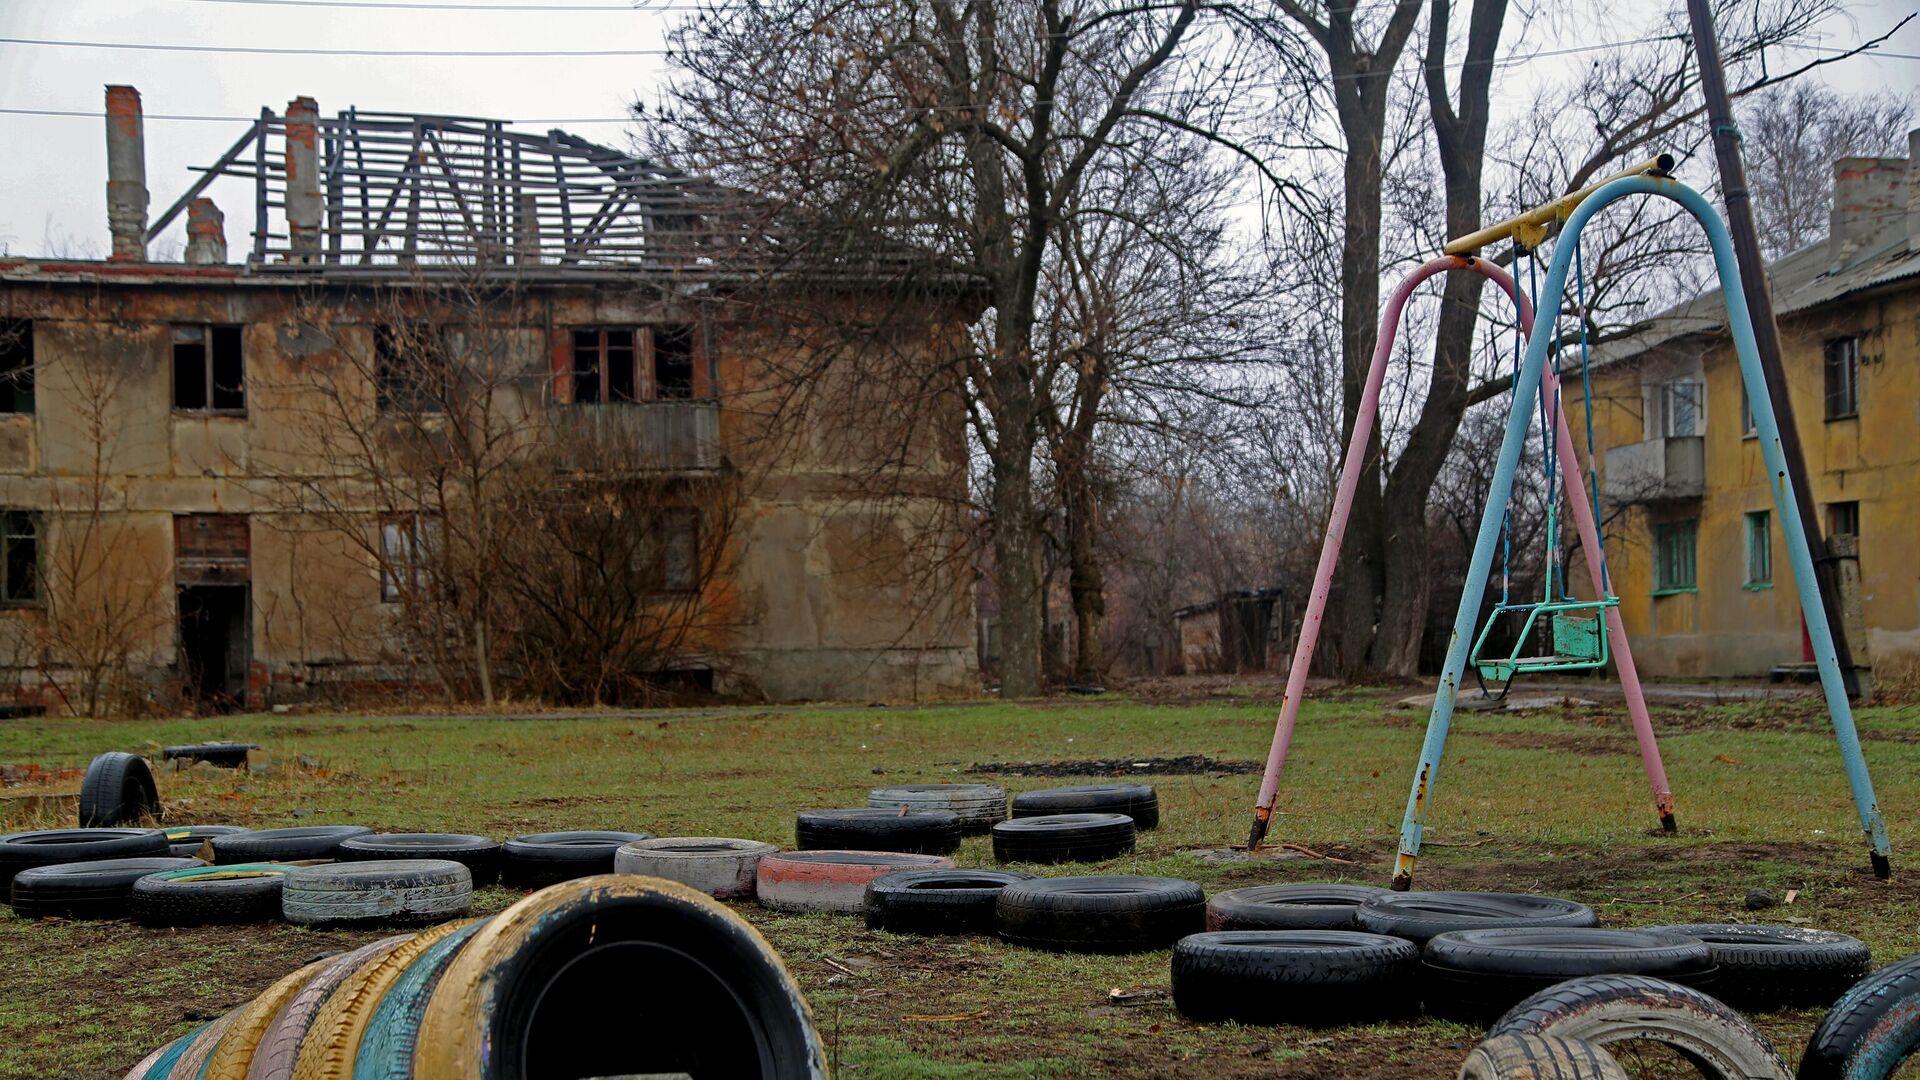 Eines der Häuser des Dorfes Glubokaja im Ort Gorlowka, das durch Beschuss ohne Dach und schließlich ohne Mieter geblieben ist. Das Dorf liegt neben der Kontaktlinie in der Region Donezk. April 2021 - SNA, 1920, 15.04.2021